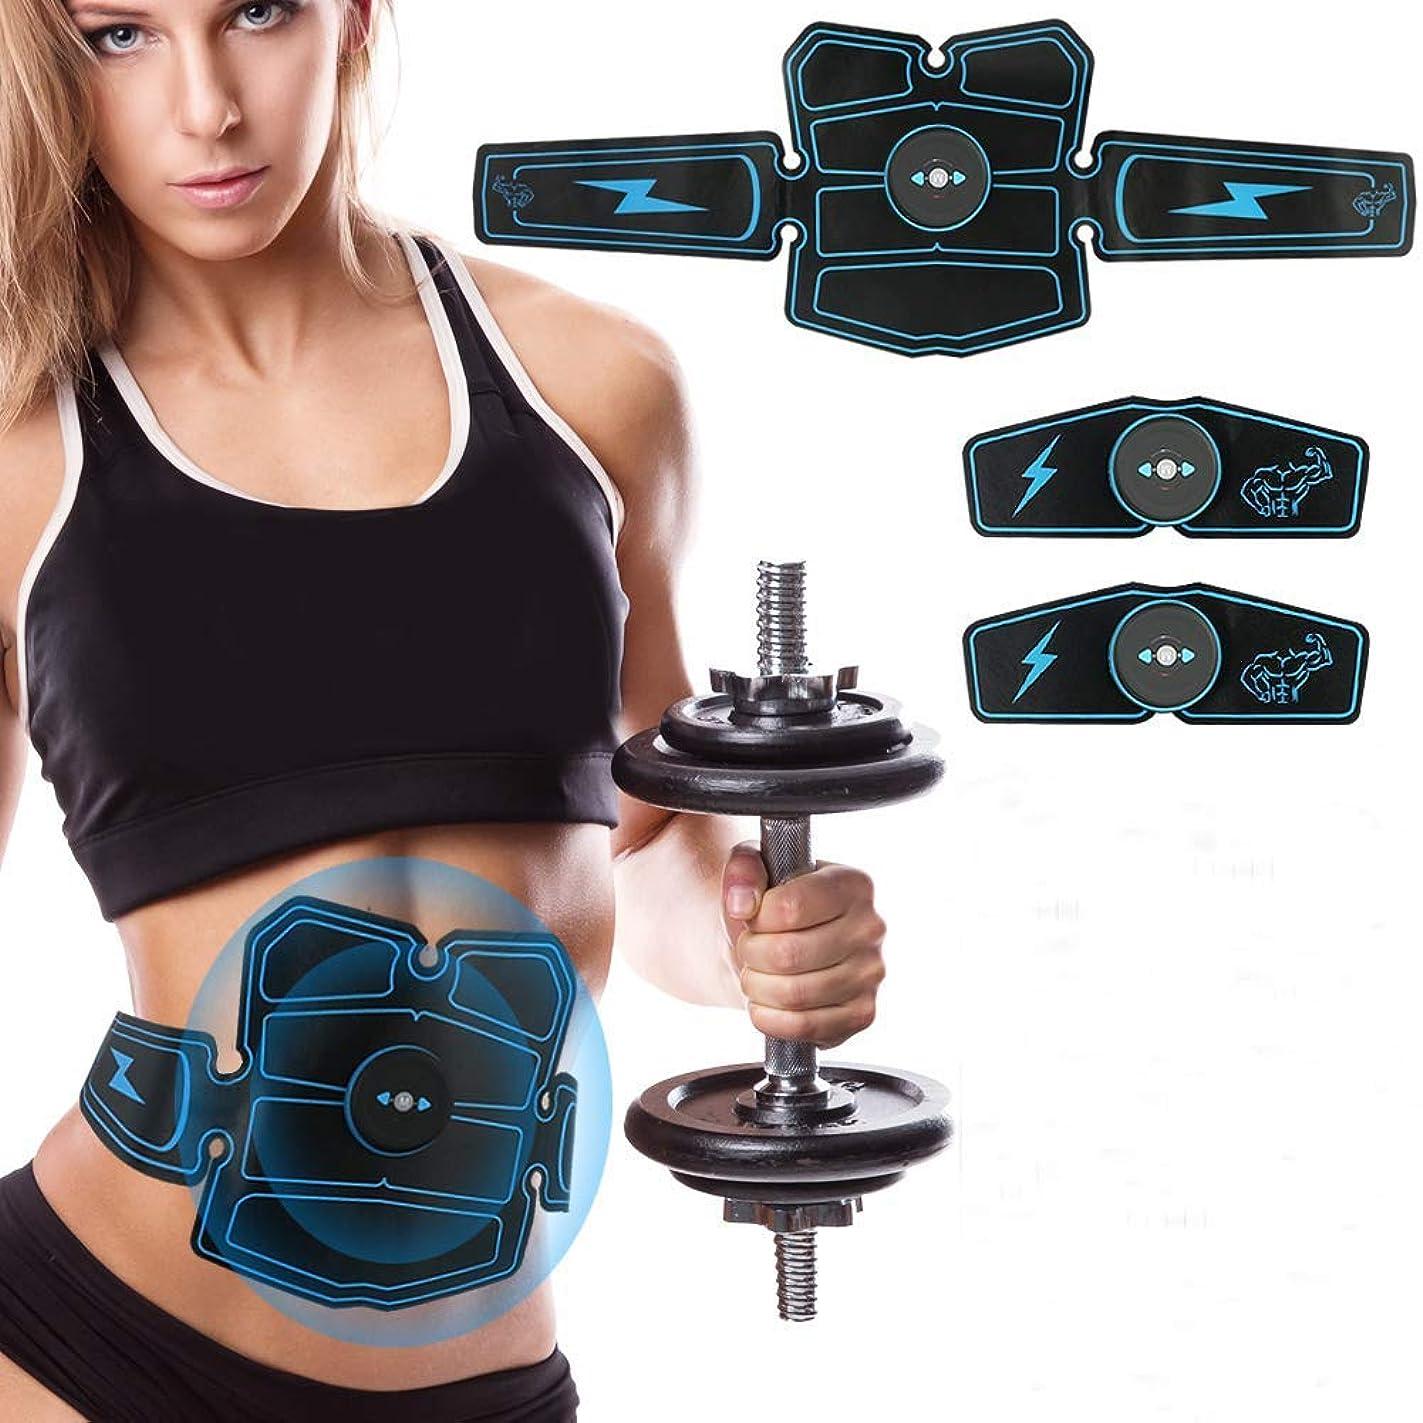 没頭する未接続リスEMSフィットネストレーナー、筋肉刺激腹部トナーベルトトレーニング脂肪燃焼フィットネス脚ボディトレーニングUSB充電式ジェルパッド家庭用パルサー男性と女性に適した